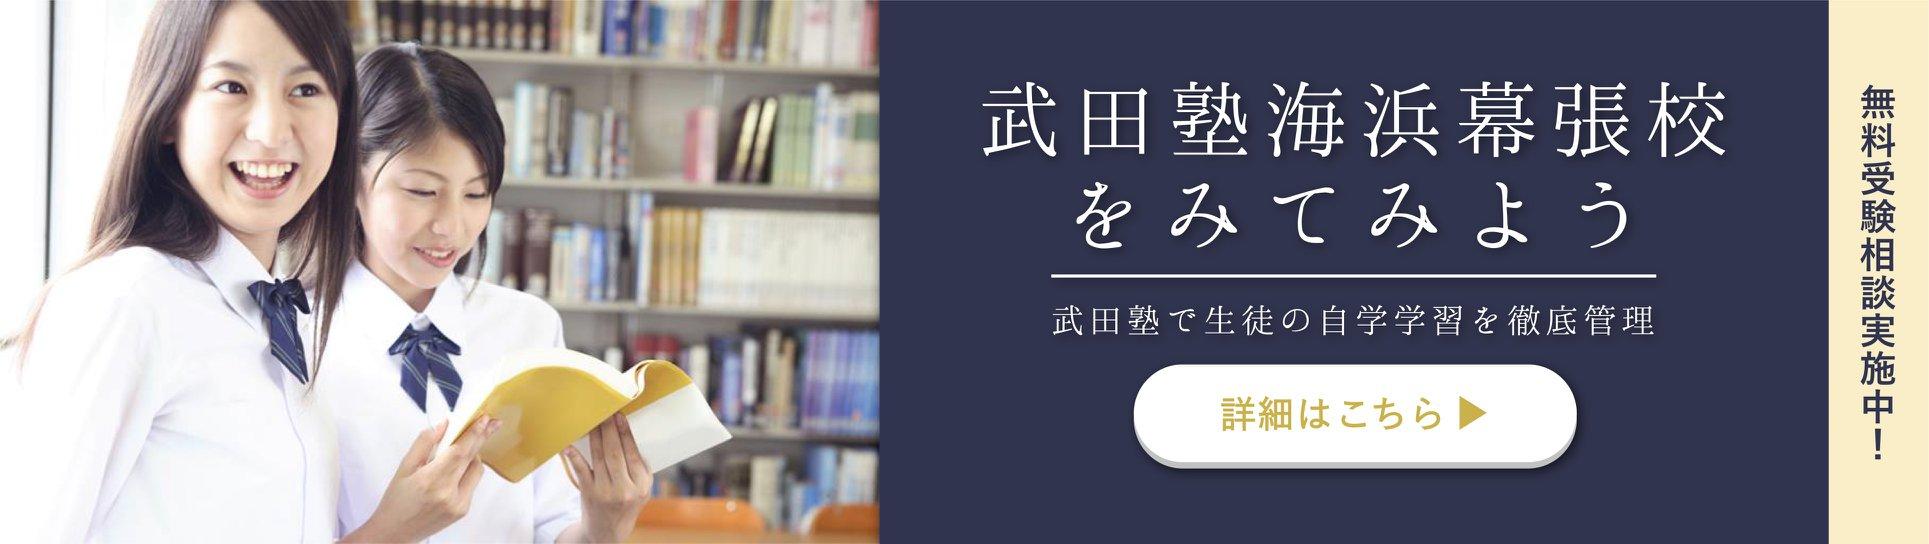 武田塾海浜幕張校オフィシャルサイト